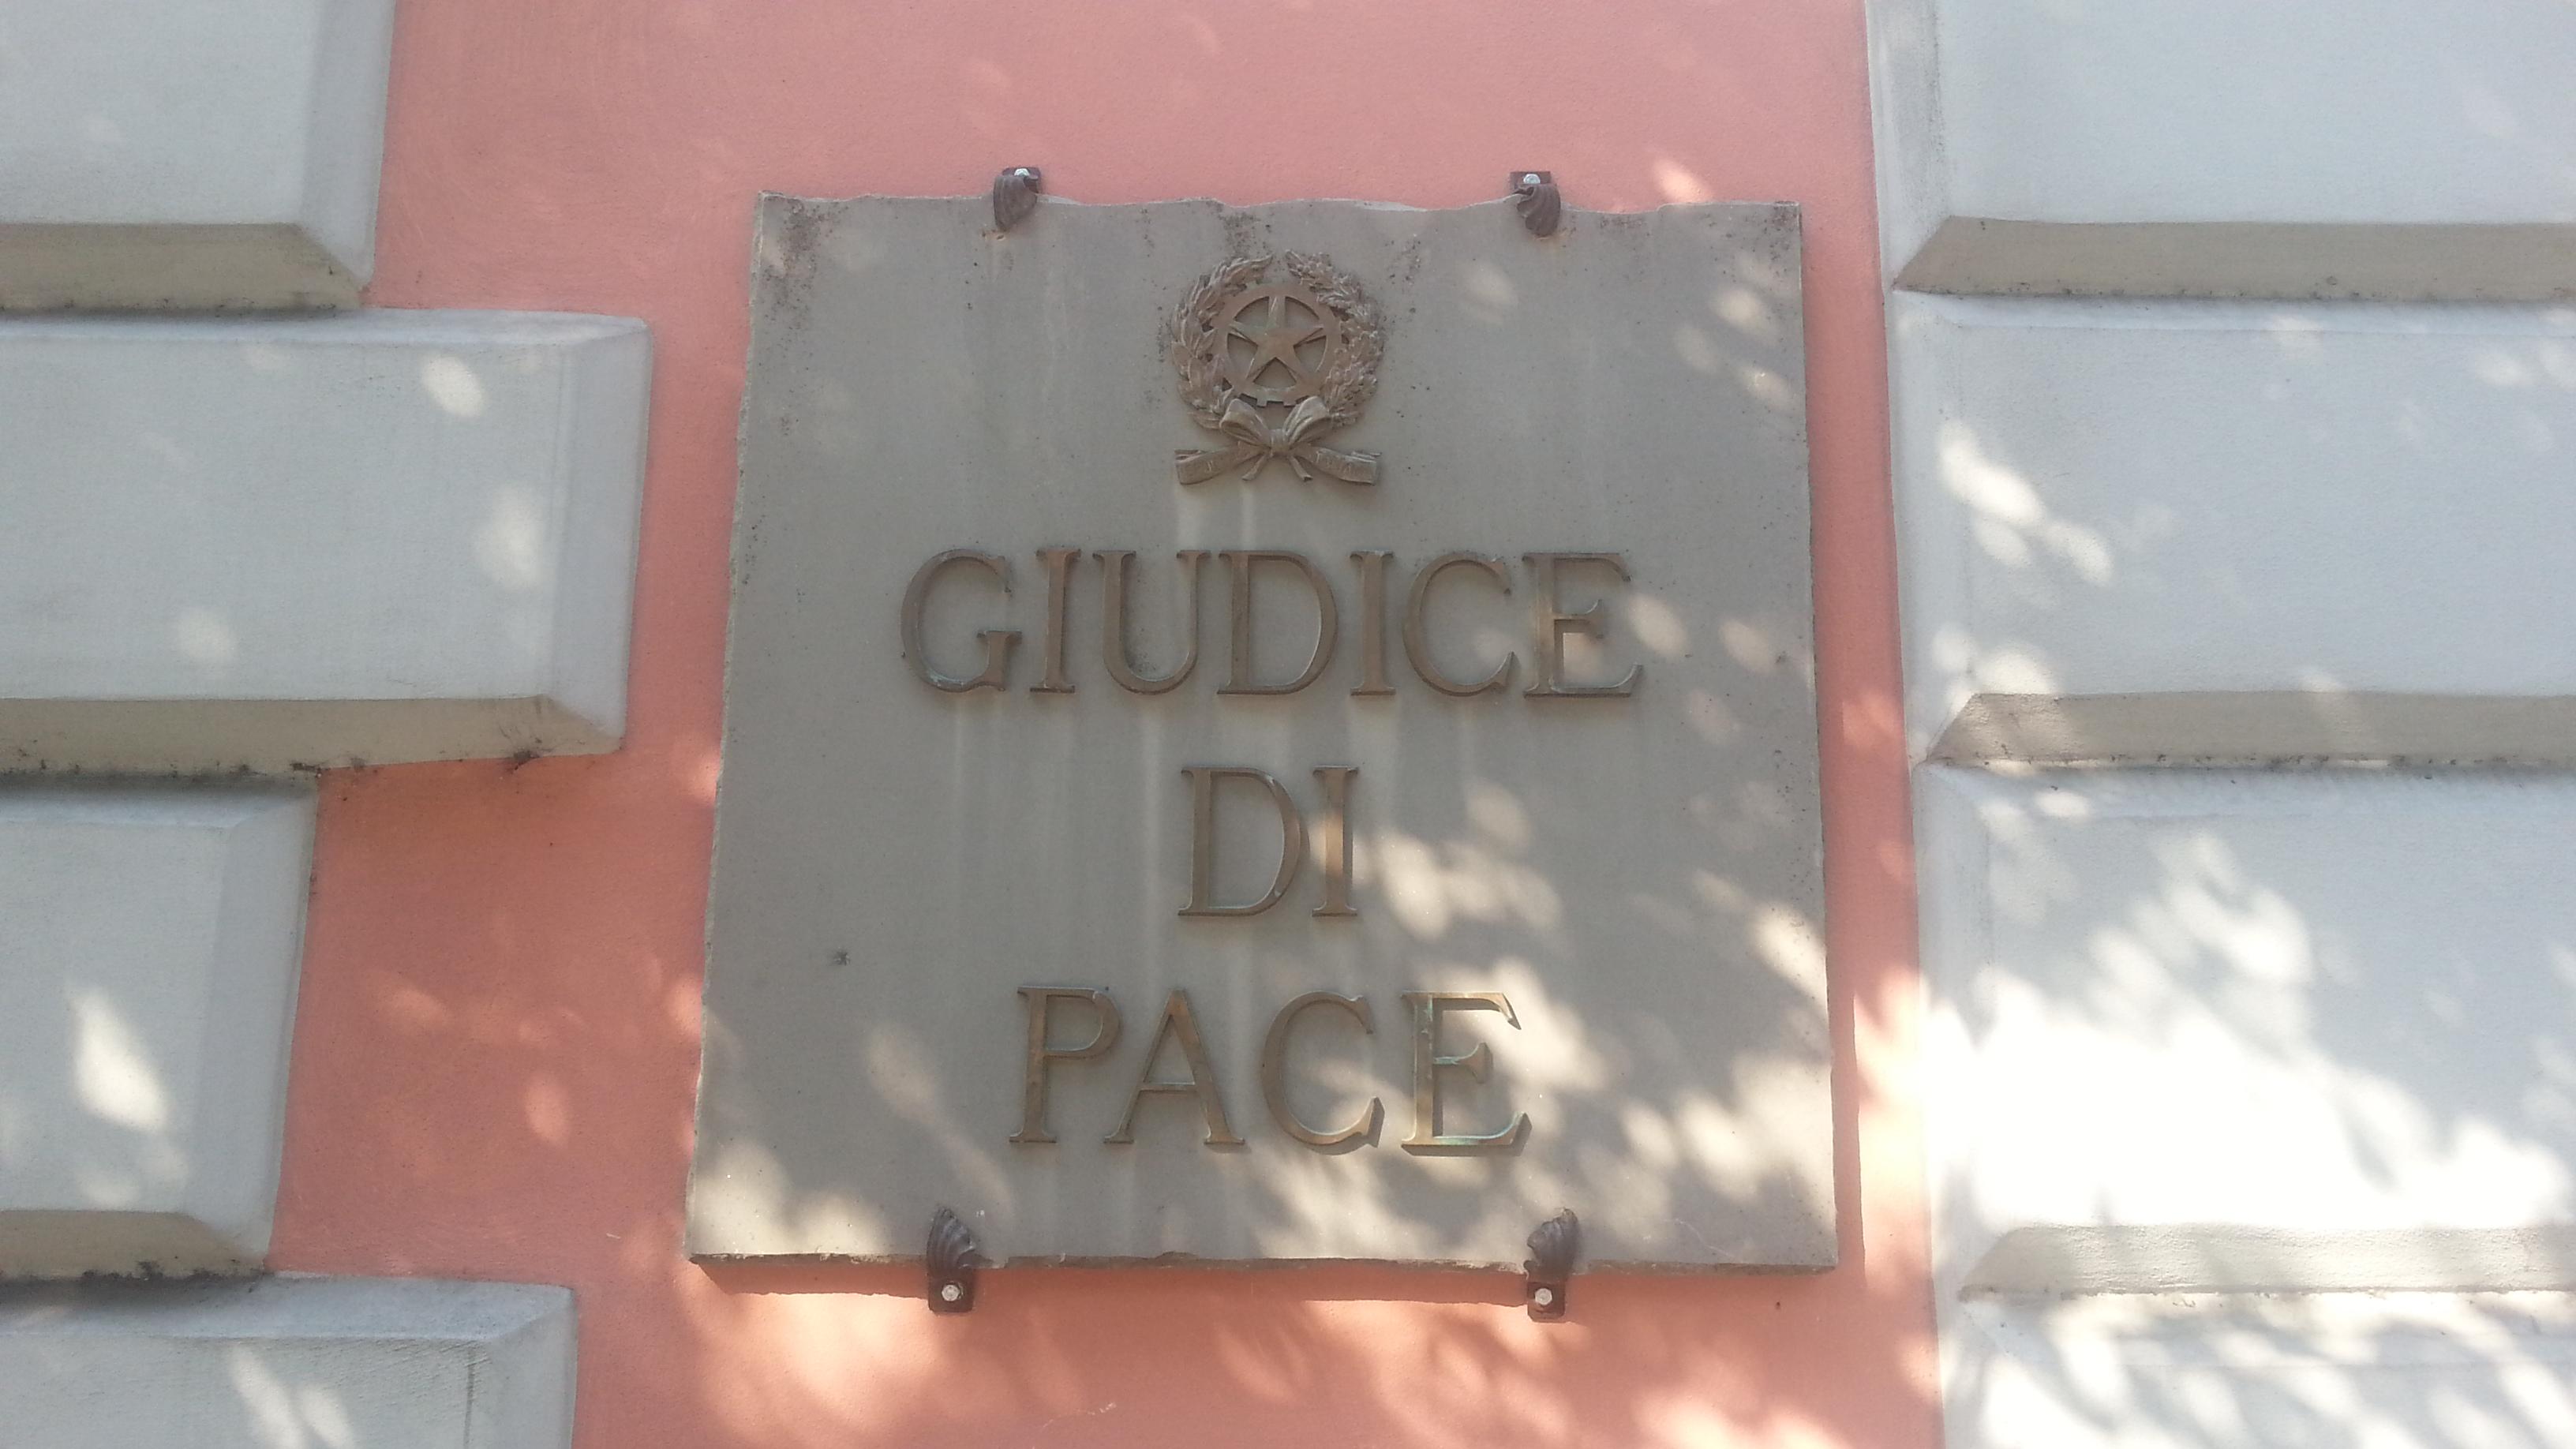 Roma| Giudici di Pace: riforma sbagliata, rischio paralisi del sistema